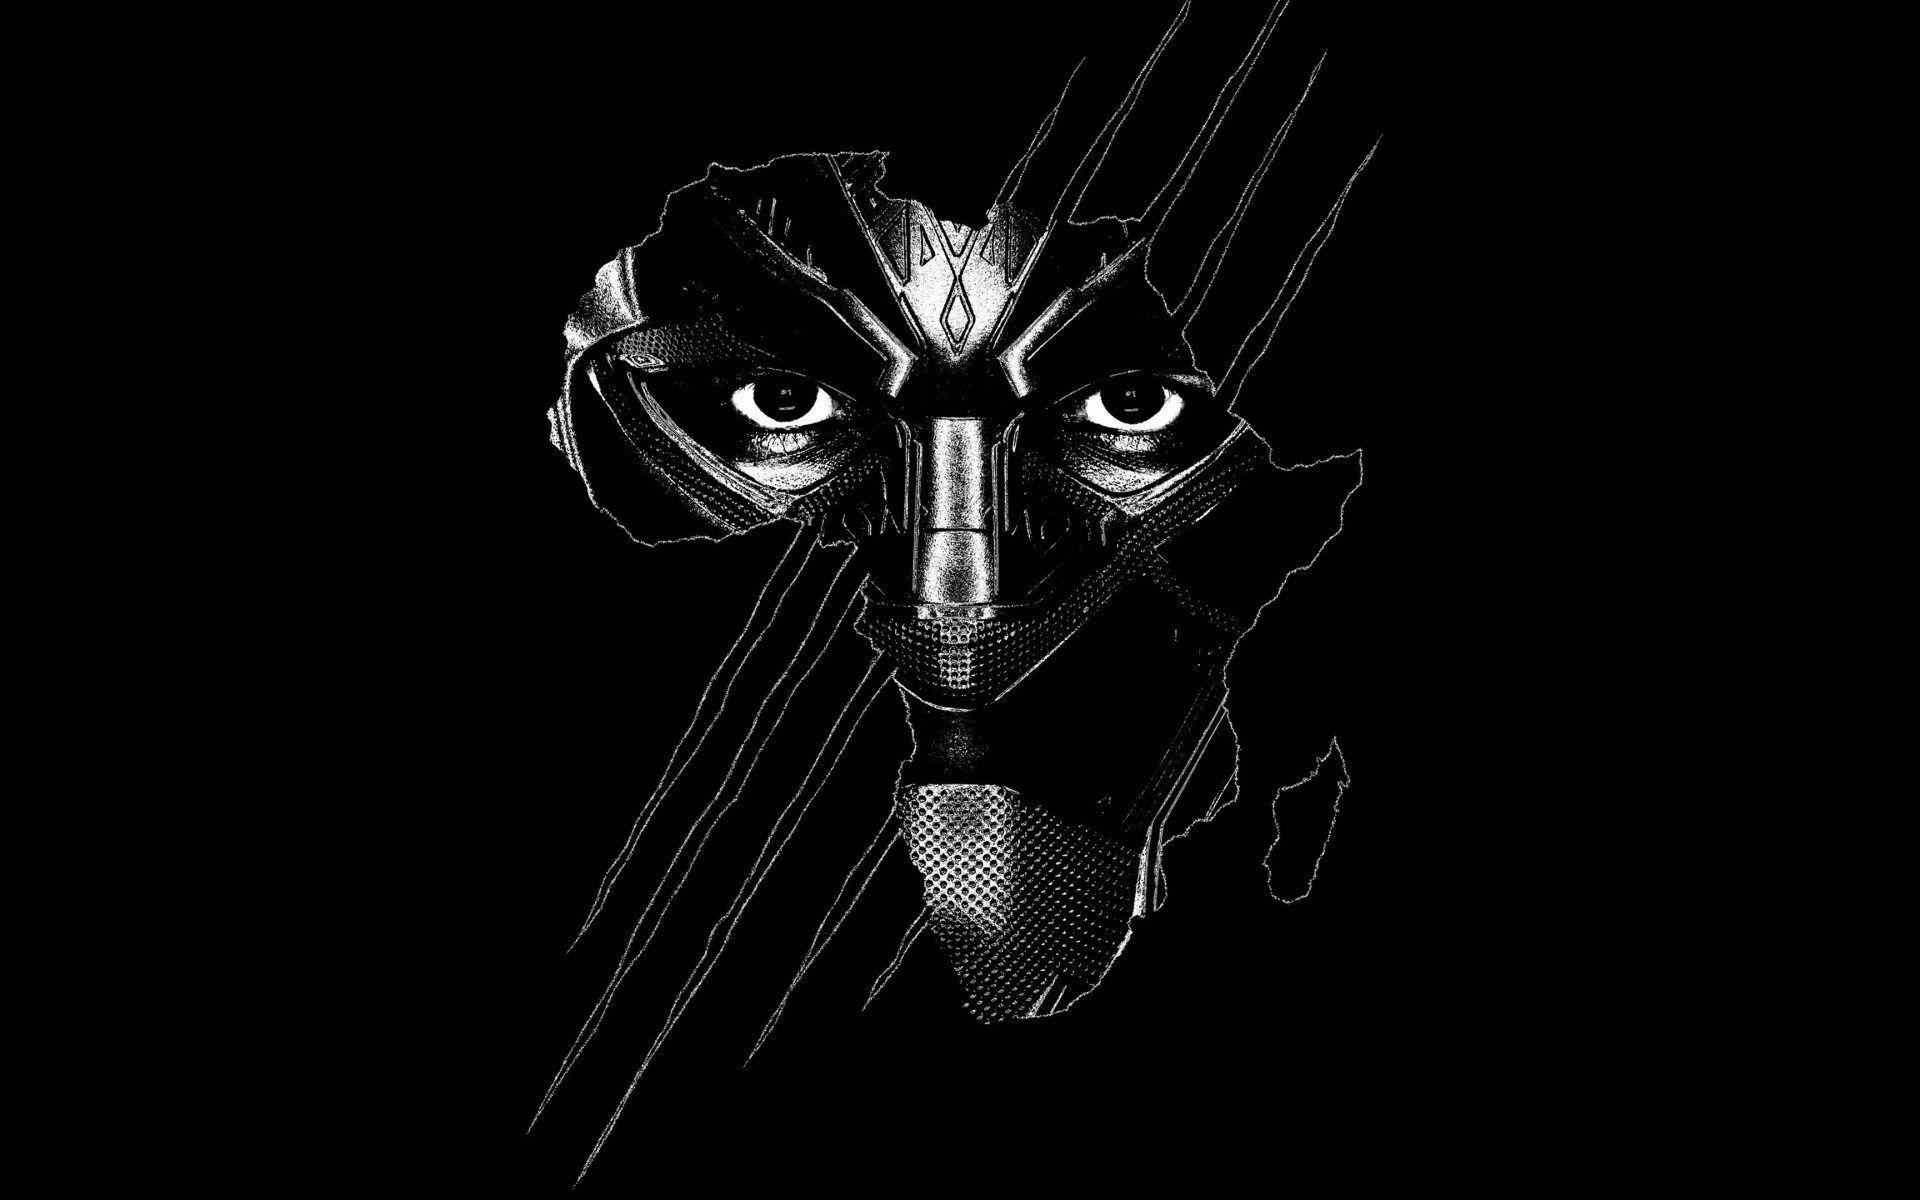 black panther movie wallpaper 4k black panther 2018 wallpaper 1920x1200